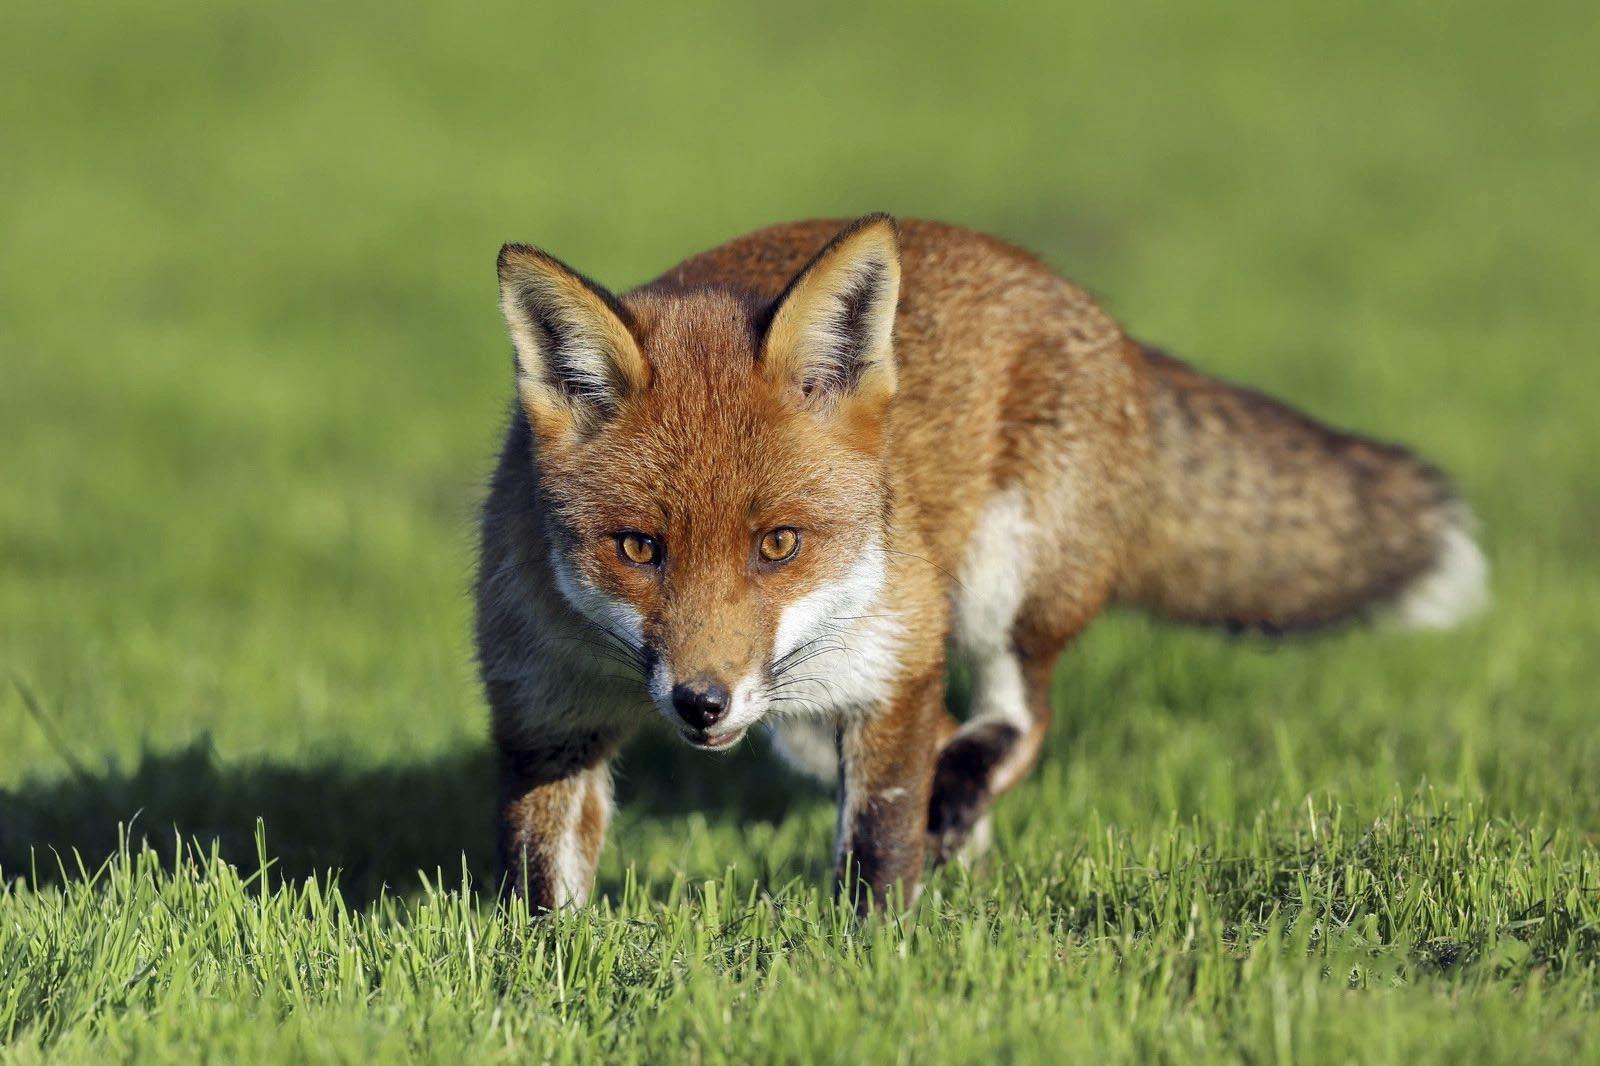 Fox by Dean Eades